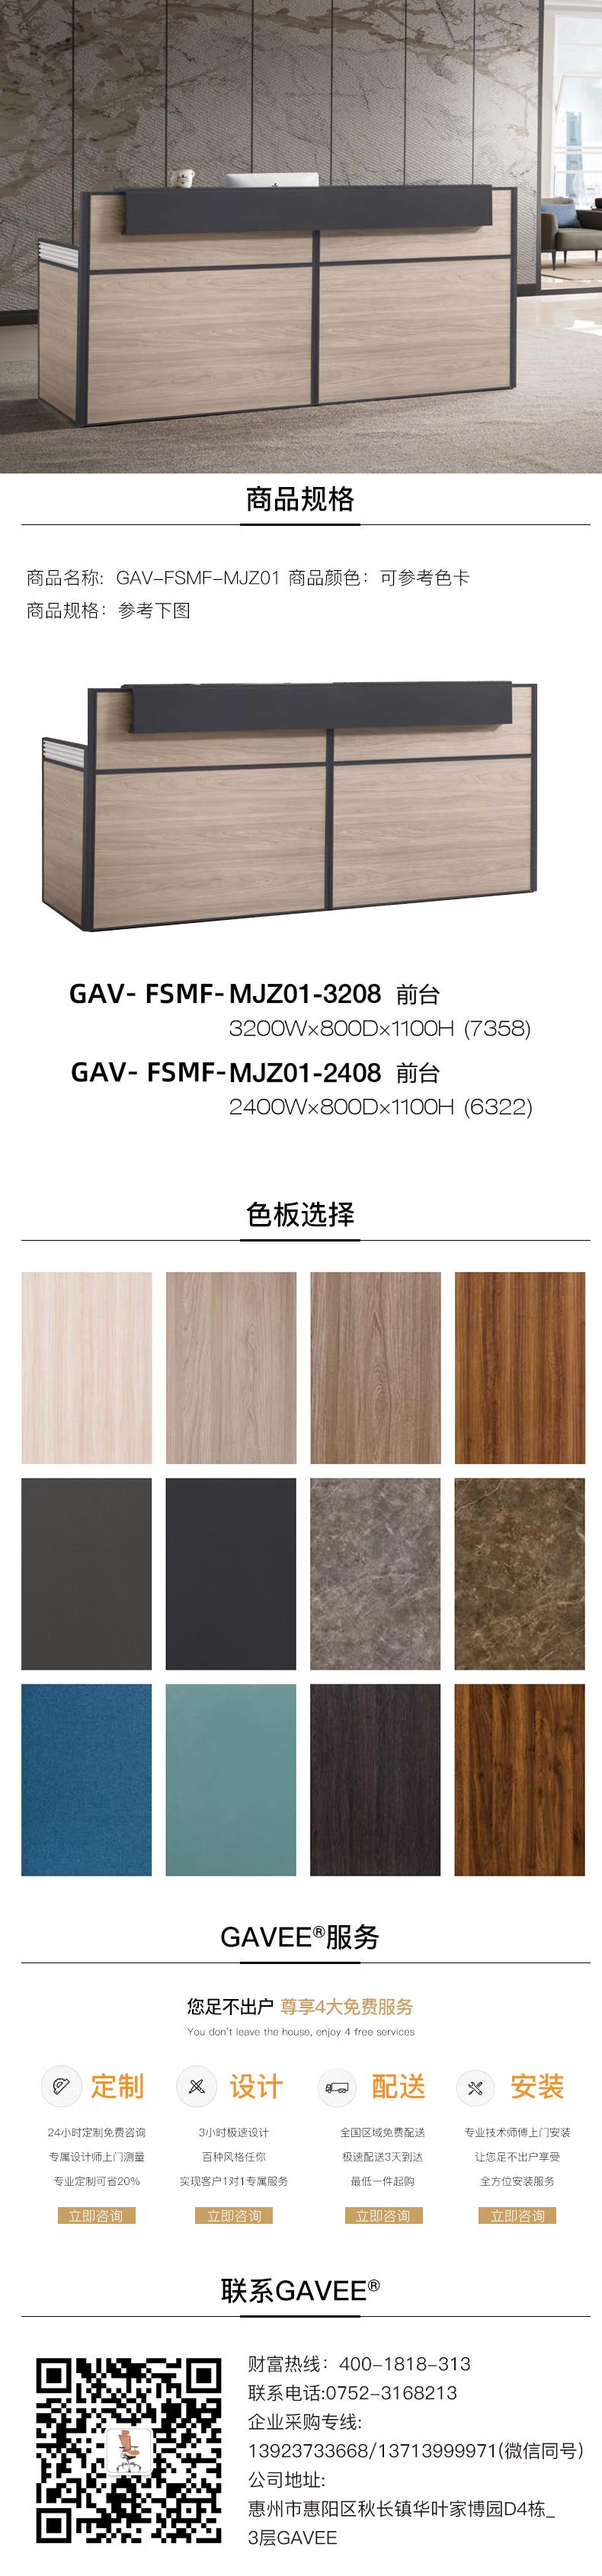 前臺接待系統GAV-FSMF-MJZ01.jpg